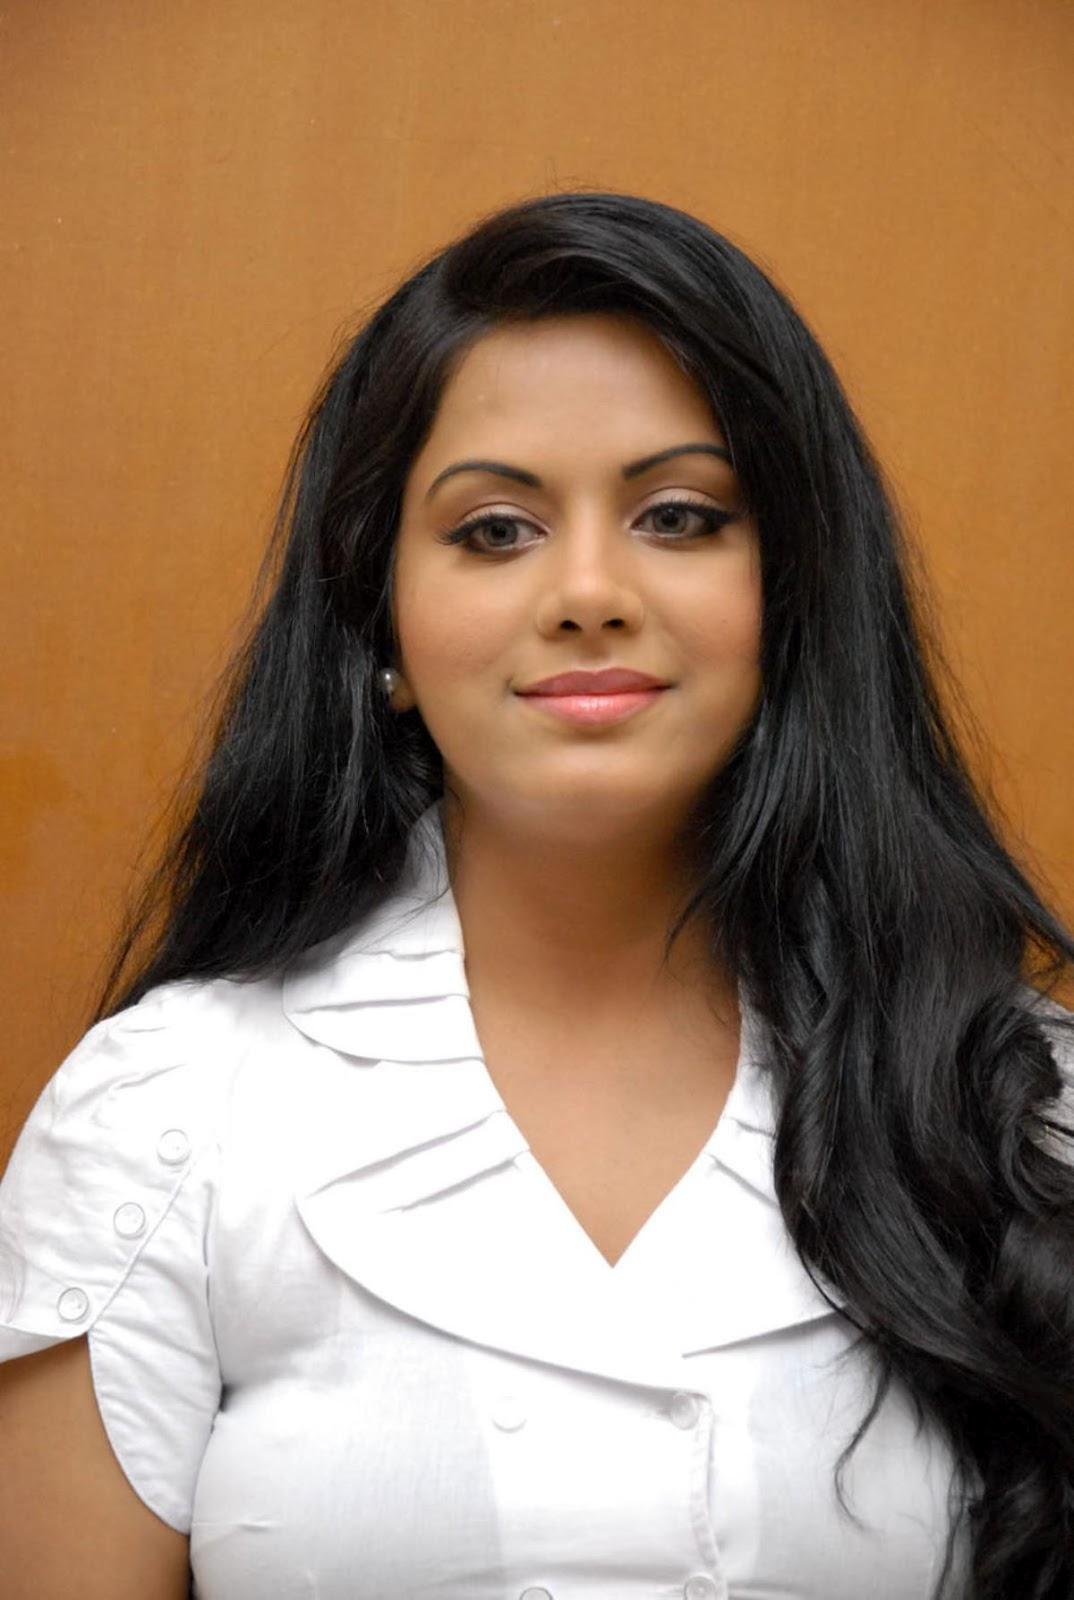 ரக்ஷனா மௌரியா | RACHANA MOURYA Rachan14